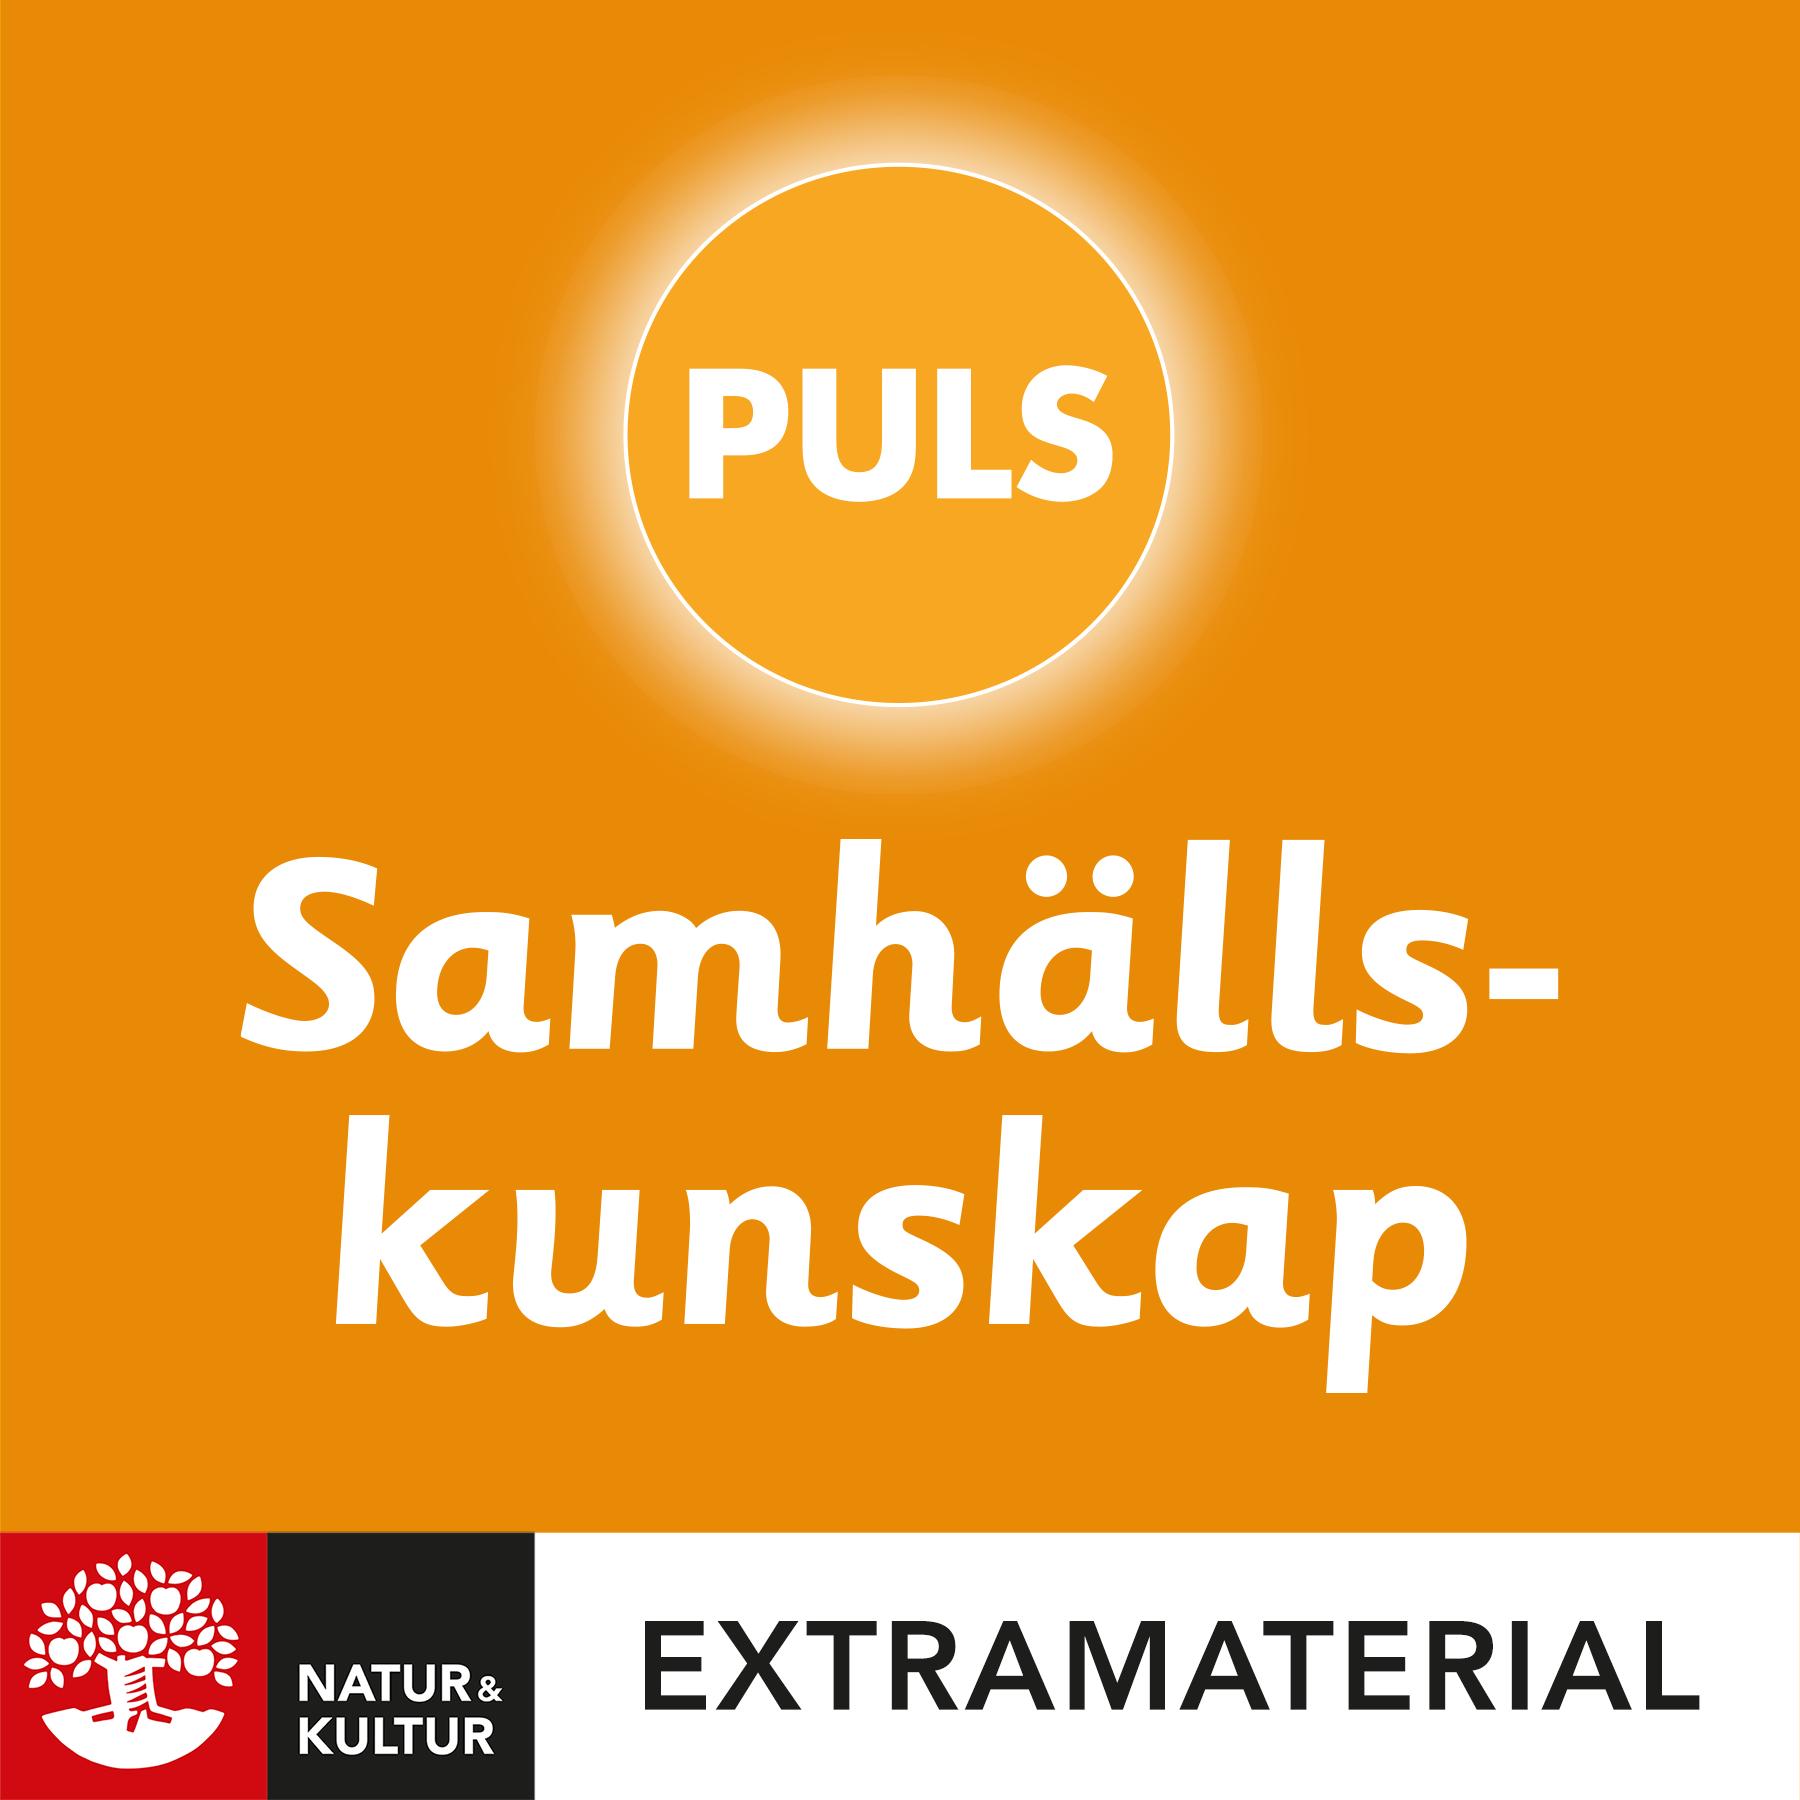 PULS 4-6 Samhällskunskap